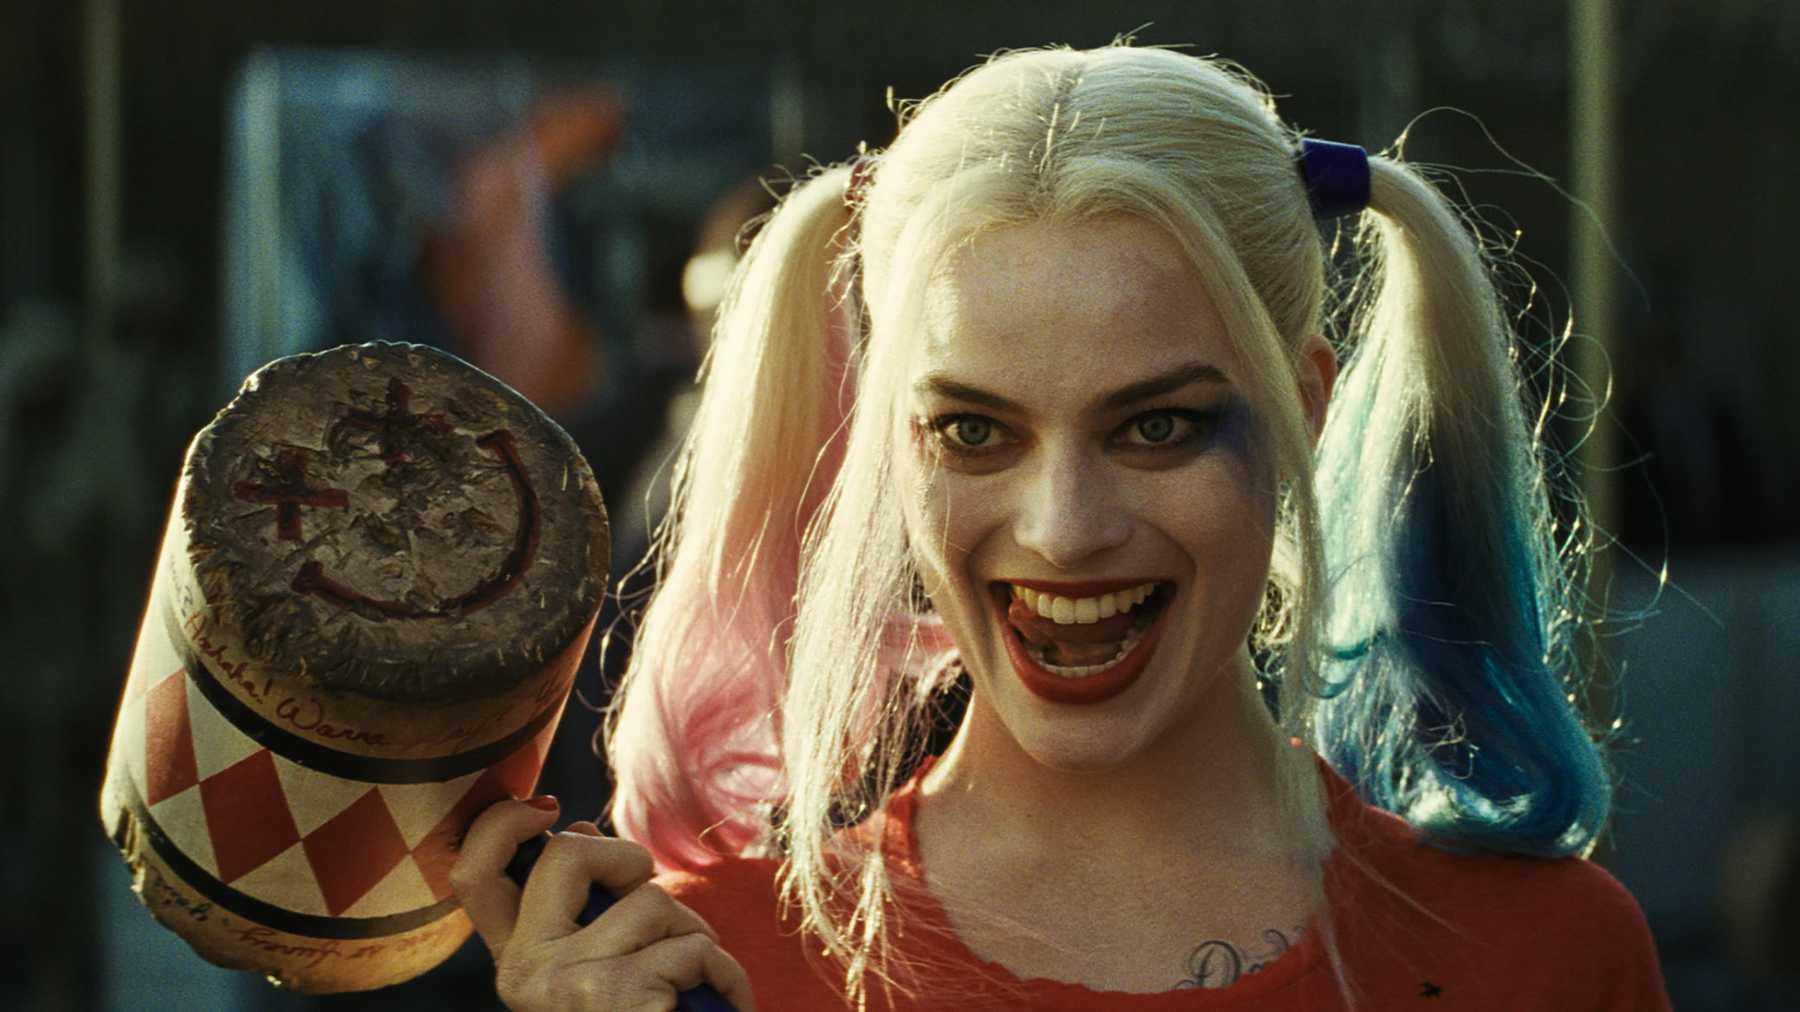 分析「小丑女」哈莉奎茵的「愛情上癮症」 她在認識小丑前就已經瘋了!